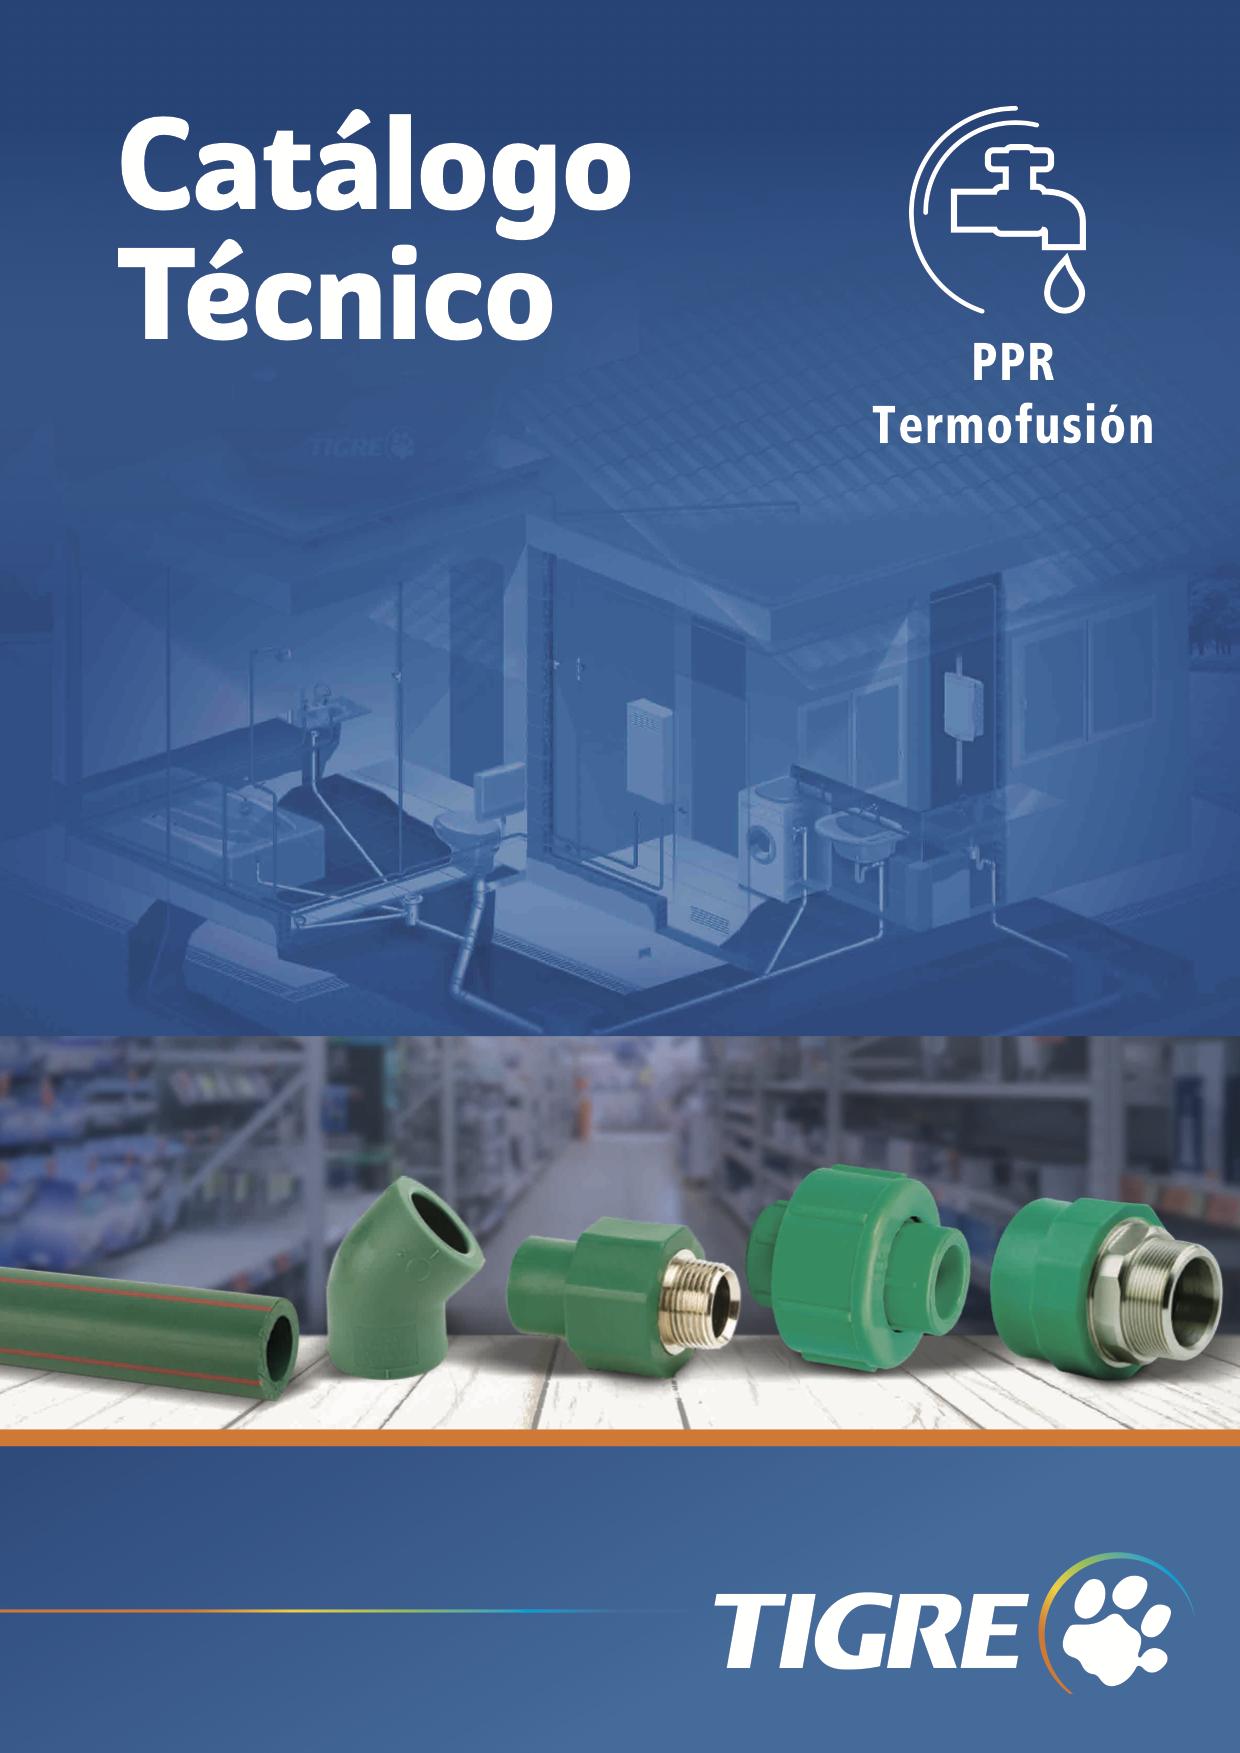 Catálogo PPR Termofusion